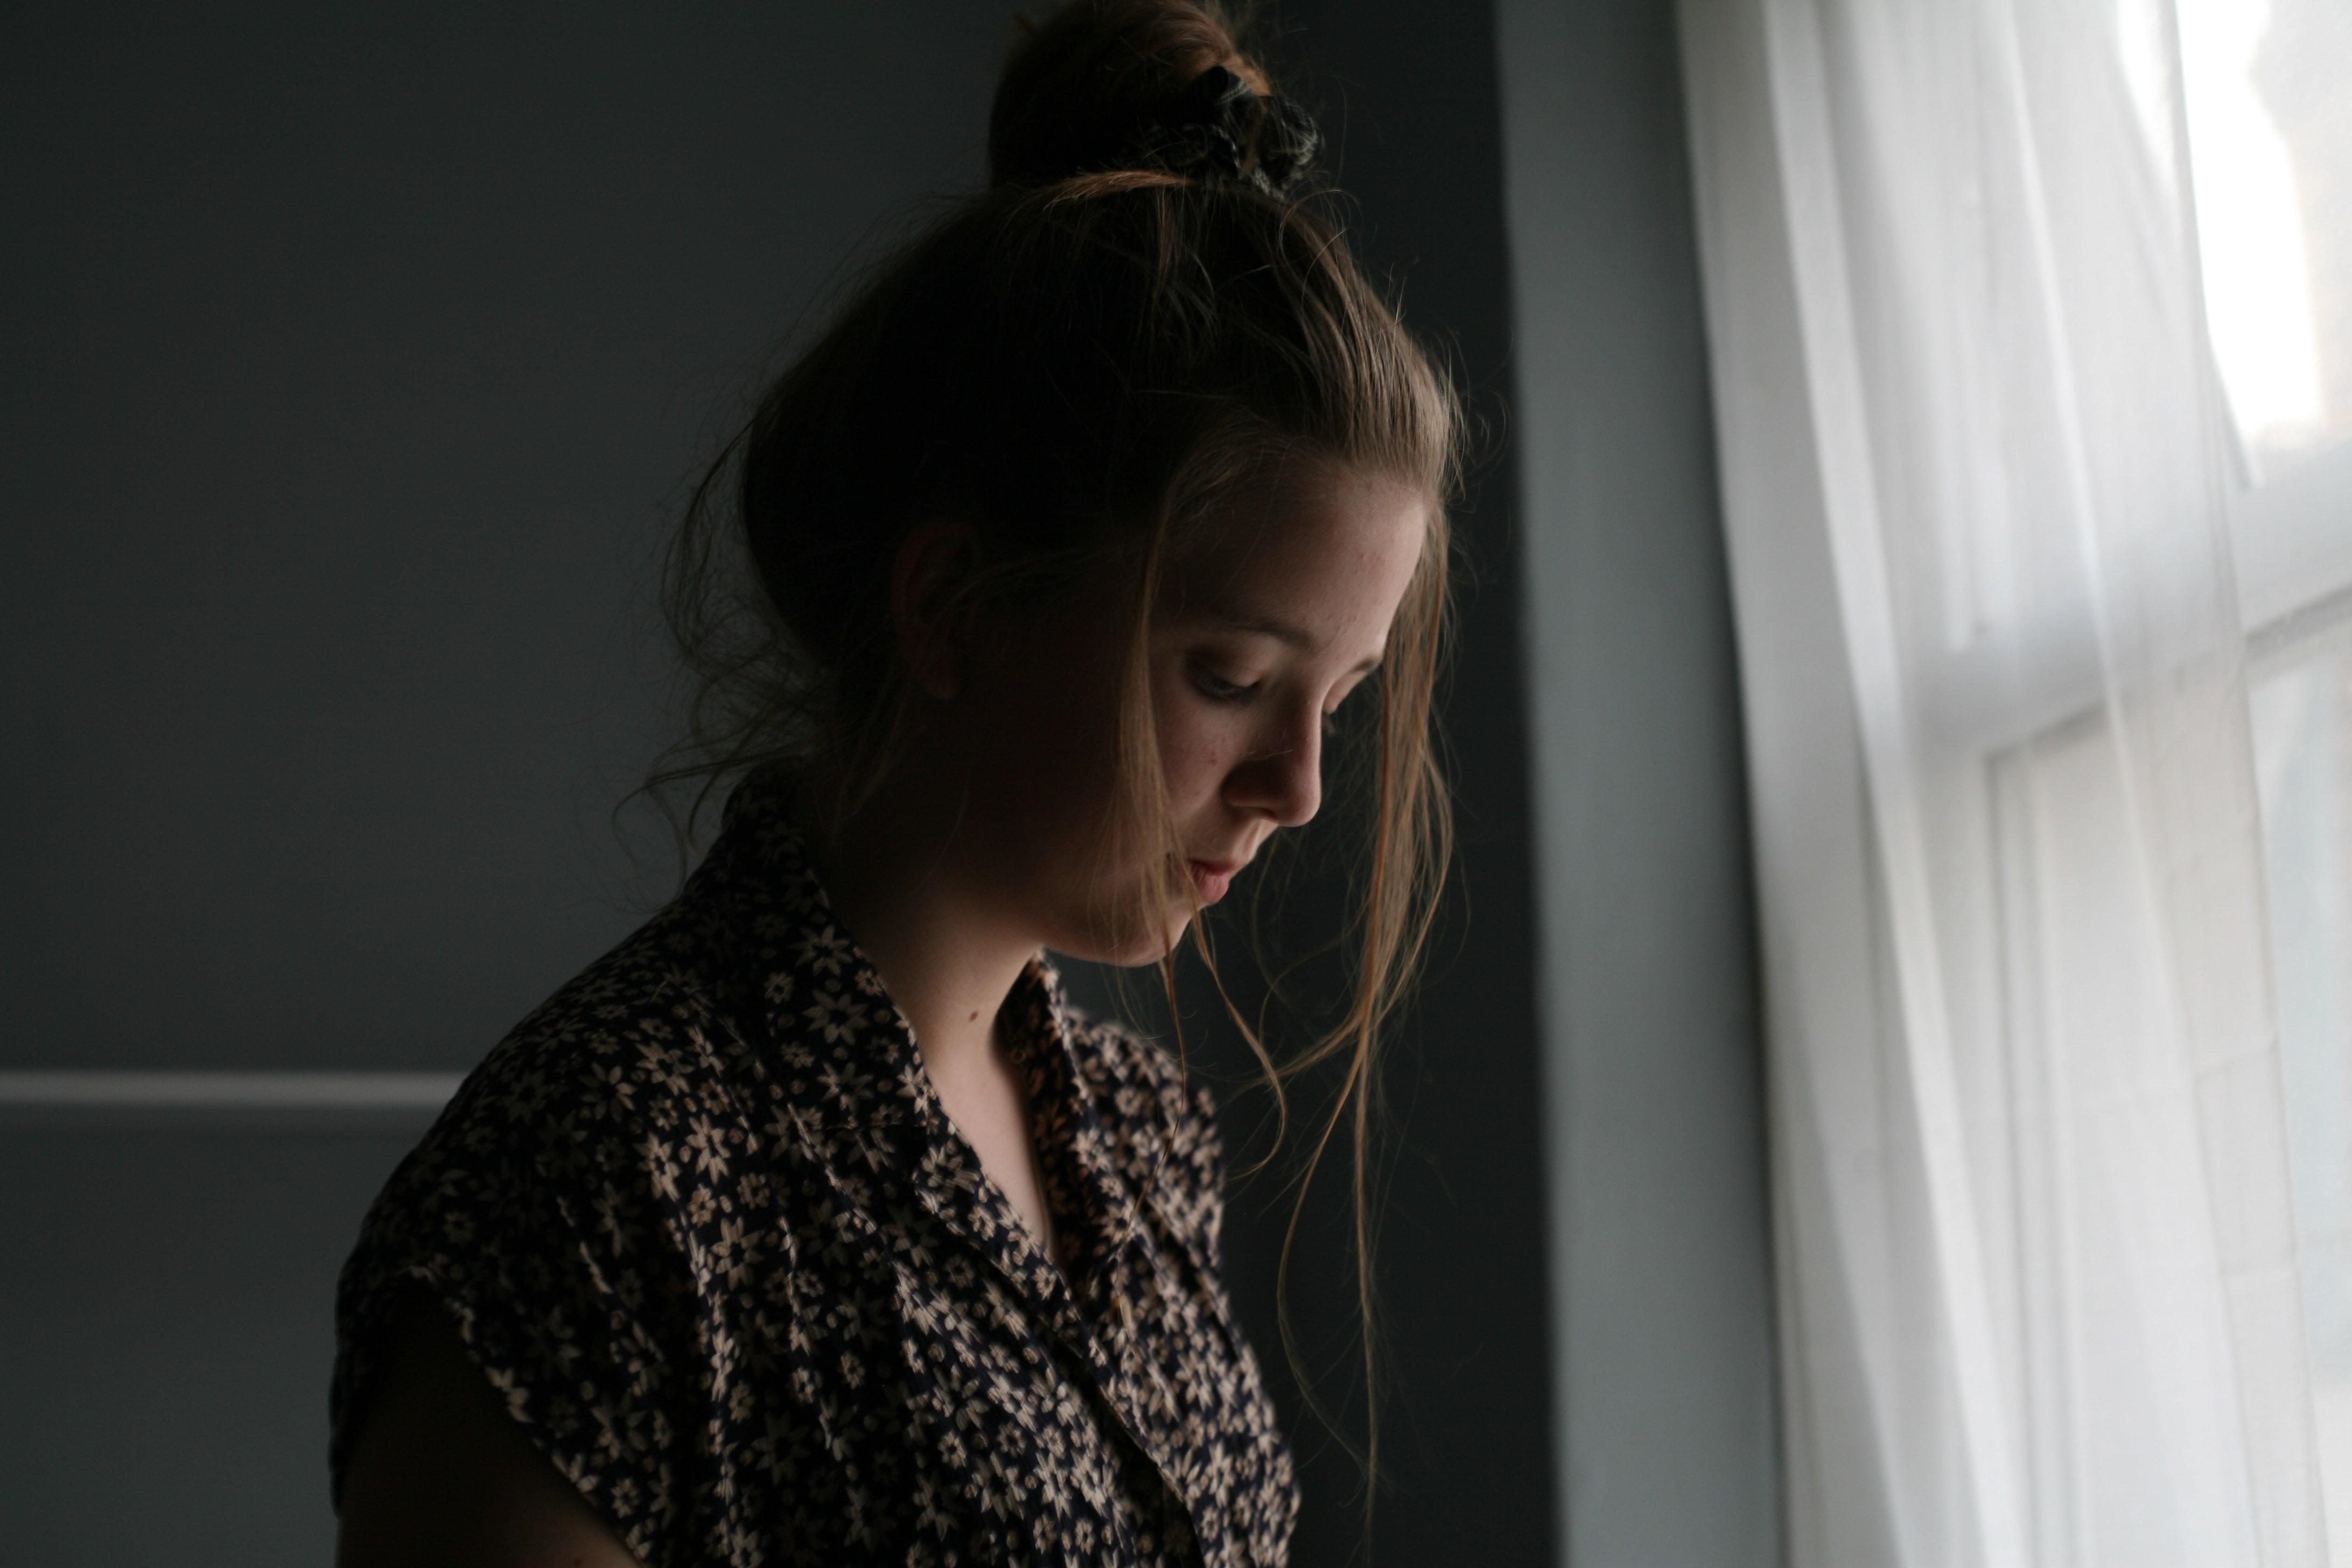 15 малозаметных признаков, что в ваших отношениях серьезные проблемы